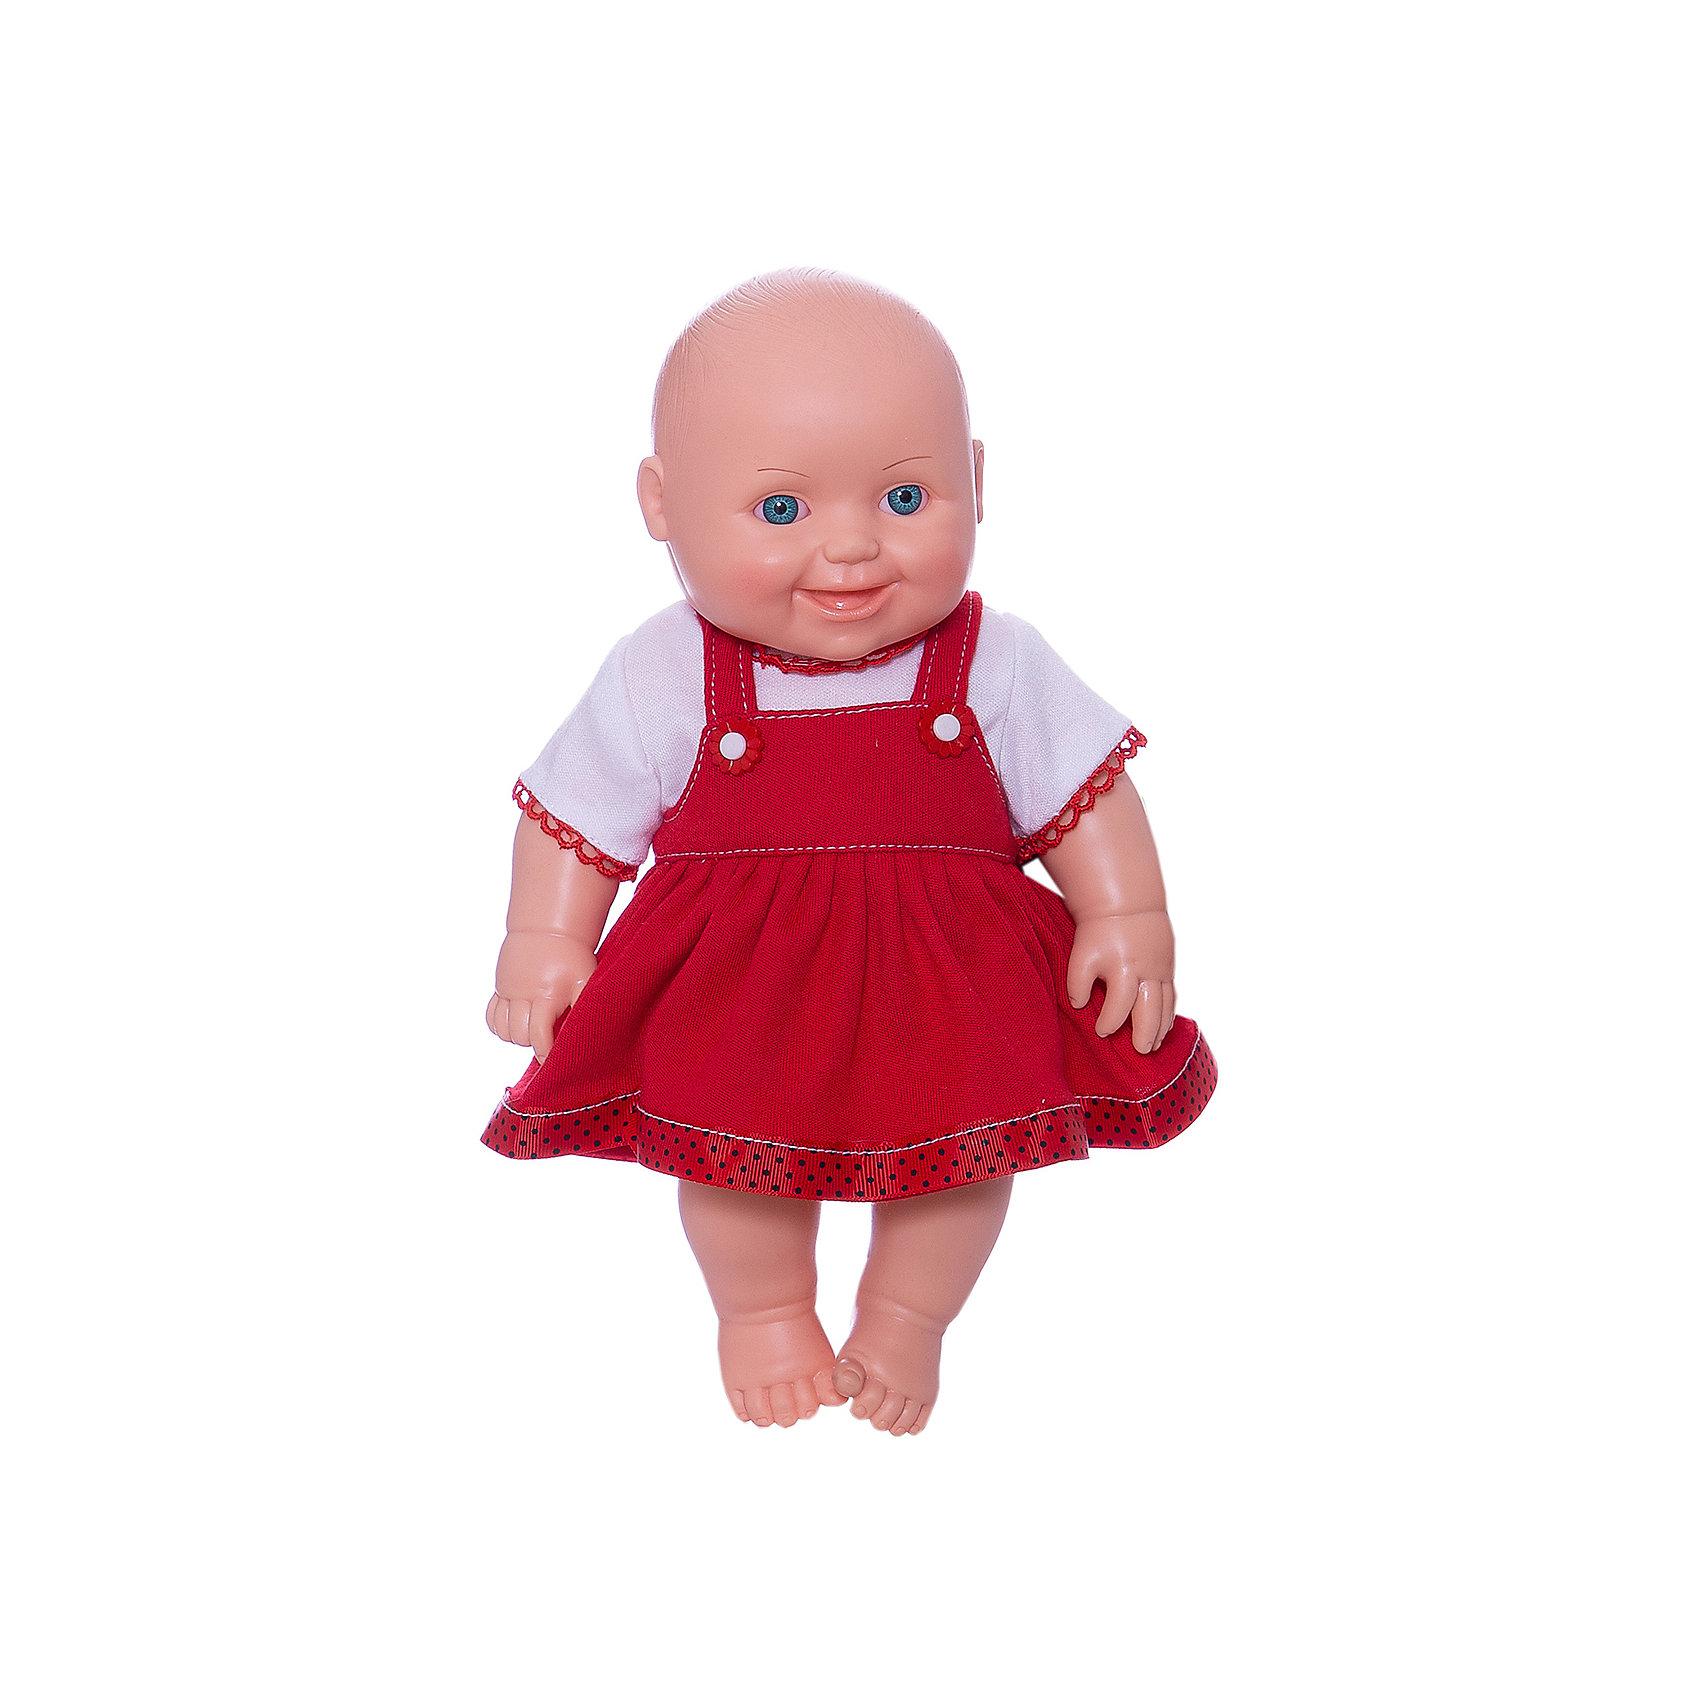 Кукла Малышка 7, девочка, 31 см, ВеснаКлассические куклы<br>Симпатичная и качественная кукла от отечественного производителя способна не просто помочь ребенку весело проводить время, но и научить девочку заботиться о других. На игрушке - симпатичная одежда, всё можно снимать и надевать. У игрушки двигаются руки и ноги, голова поворачивается.<br>Такая кукла помогает ребенку нарабатывать социальные навыки и весело познавать мир. Сделана игрушка из качественных, приятных на ощупь и безопасных для ребенка материалов.<br><br>Отличительные особенности куклы:<br><br>- материал: пластмасса;<br>- волосы: рельефная имитация;<br>- двигаются руки и ноги;<br>- голова поворачивается;<br>- снимающаяся одежда;<br>- высота: 31 см.<br><br>Куклу Малышка 7 от марки Весна можно купить в нашем магазине.<br><br>Ширина мм: 335<br>Глубина мм: 350<br>Высота мм: 205<br>Вес г: 460<br>Возраст от месяцев: 36<br>Возраст до месяцев: 1188<br>Пол: Женский<br>Возраст: Детский<br>SKU: 4701846